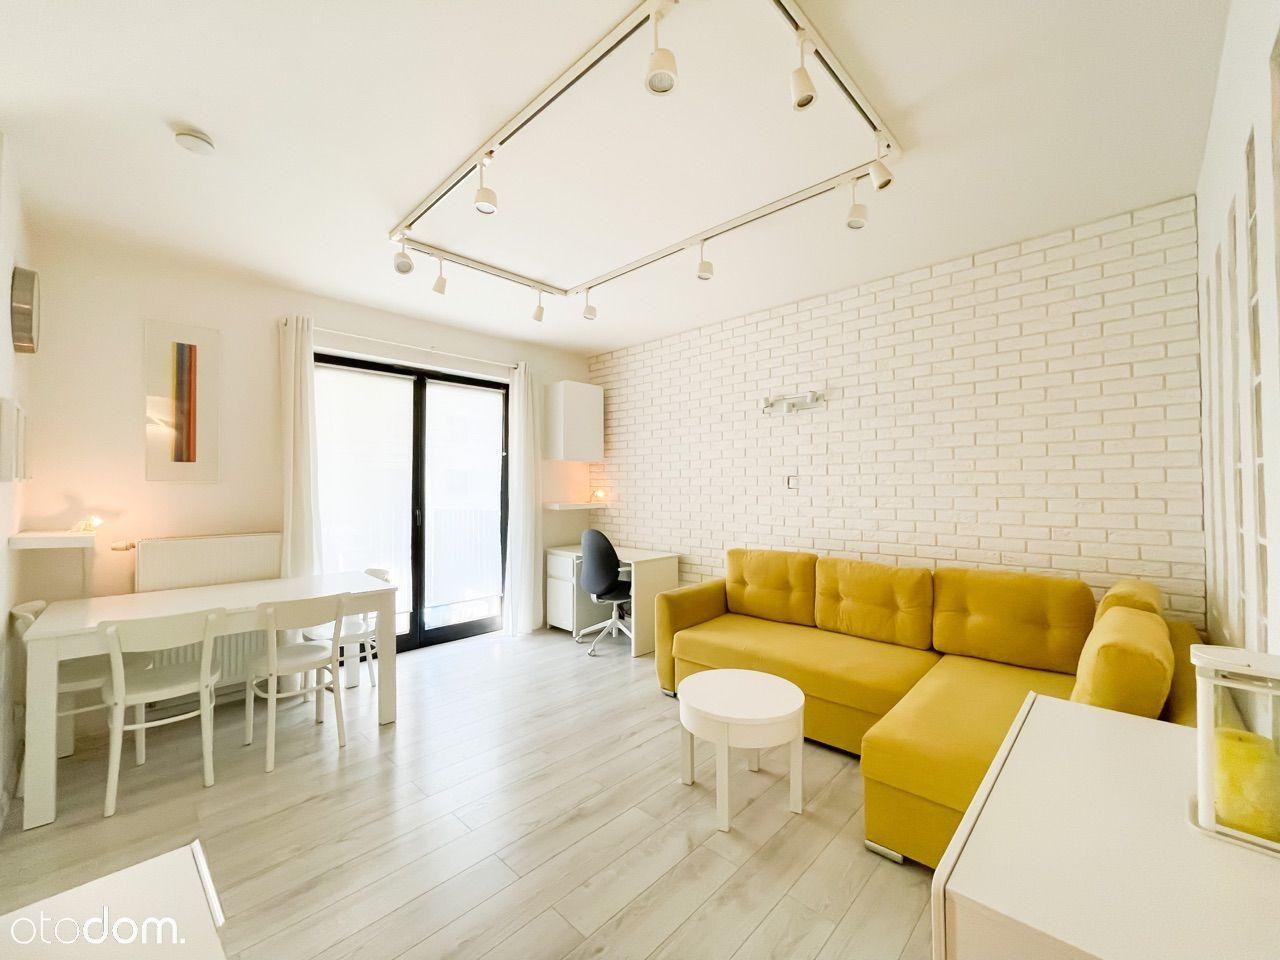 Zarezerwowane - Mieszkanie 3 pokojowe, 61m2